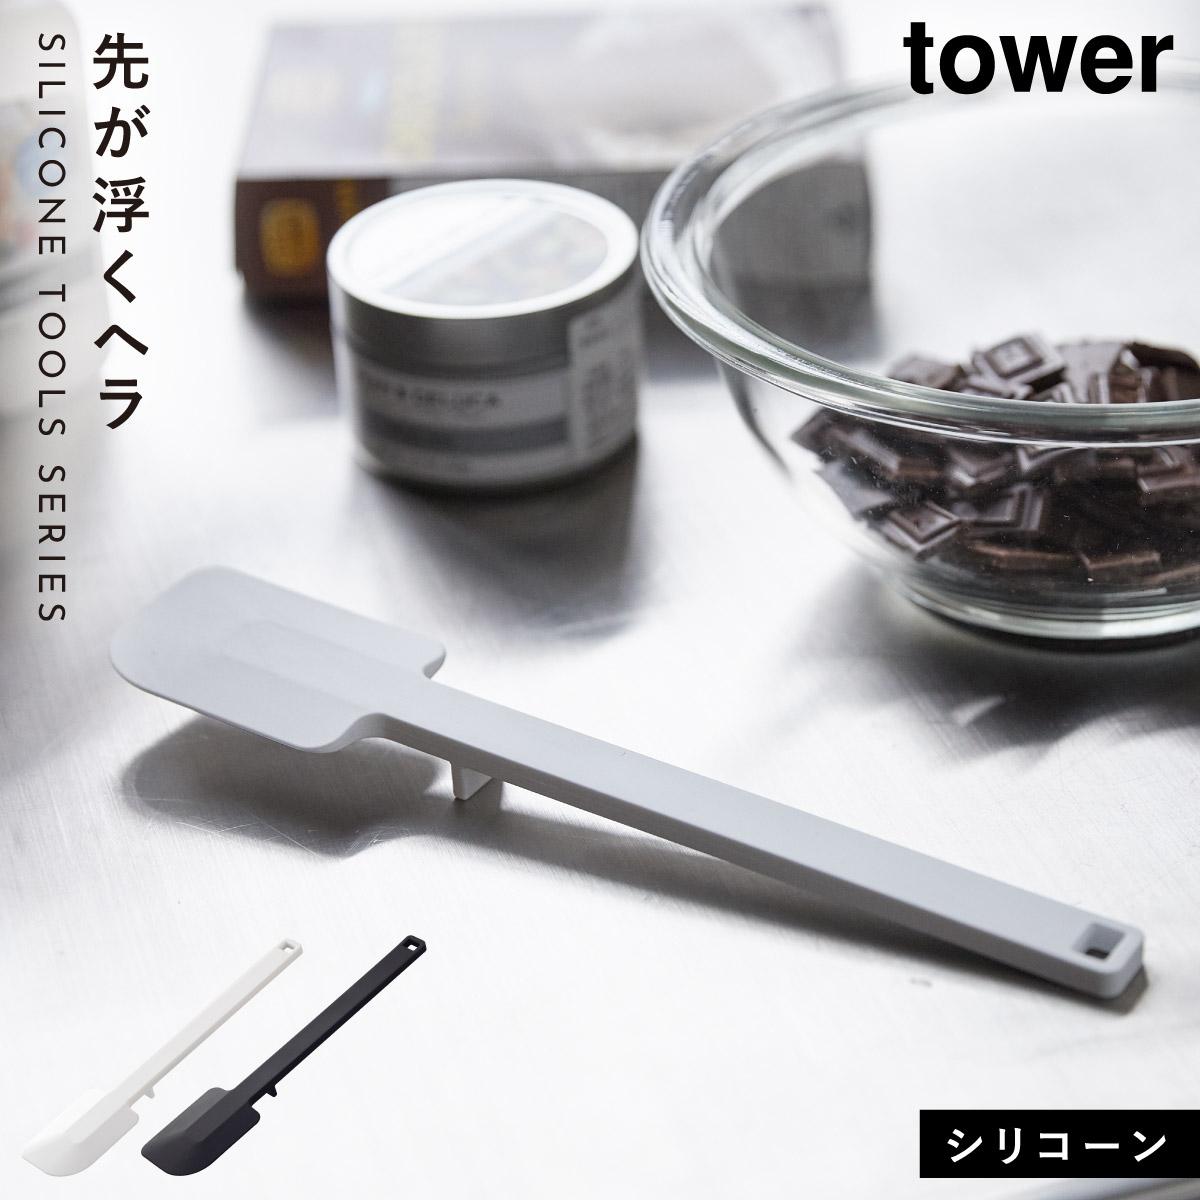 インスタ映えする シンプルでおしゃれなシリコン製ターナー ターナー シリコン スパチュラ 送料0円 へら おしゃれ 贈答 シリコーンスパチュラ 山崎実業 ブラック シンプル ホワイト タワー tower yamazaki